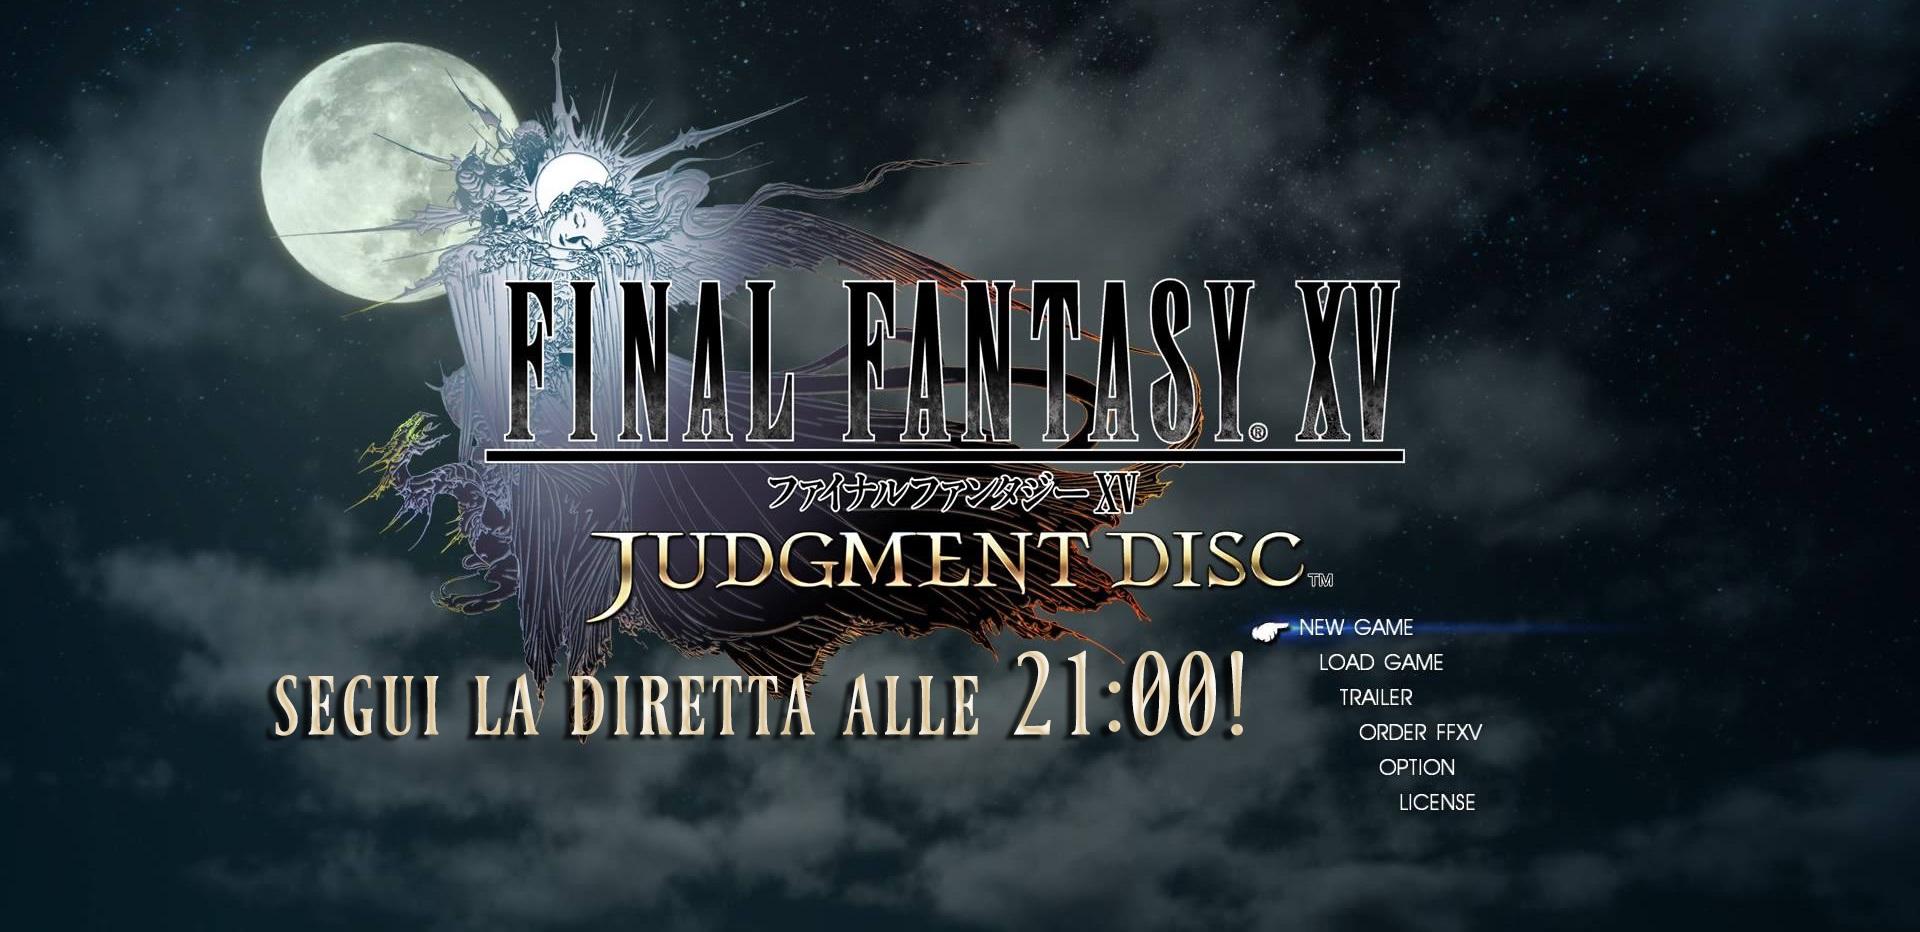 Alle 21:00 live streaming di Judgment Disc, nuova demo di Final Fantasy XV!